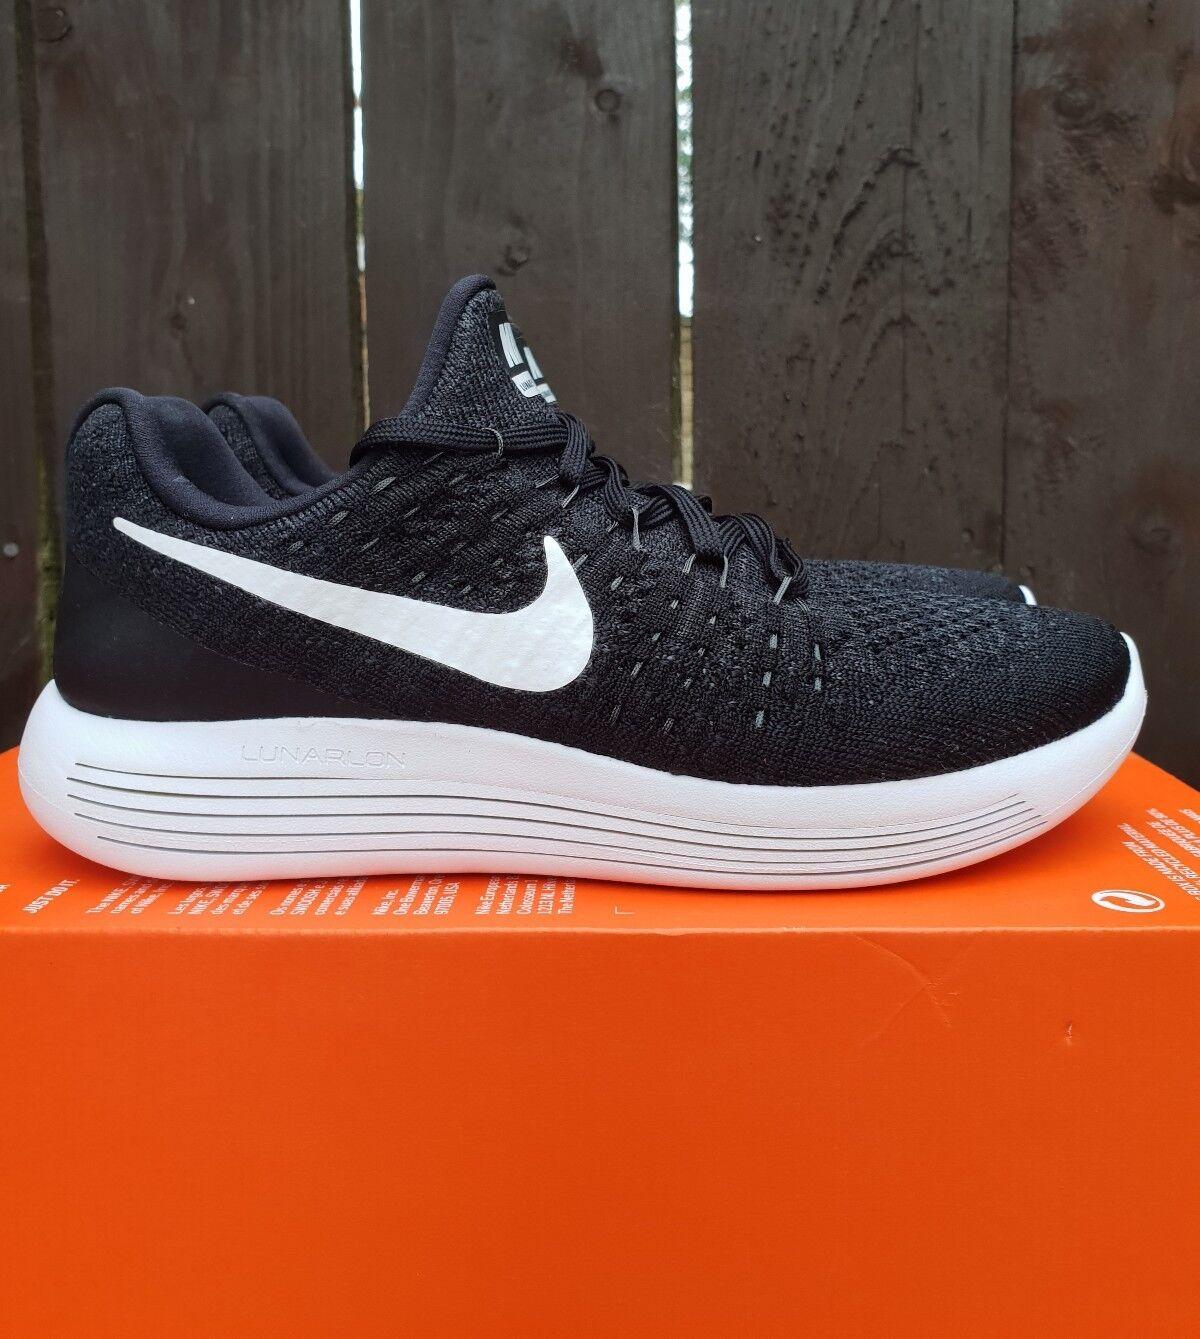 Femme Nike lunarepic faible fyknit 2 Noir Taille 4.5